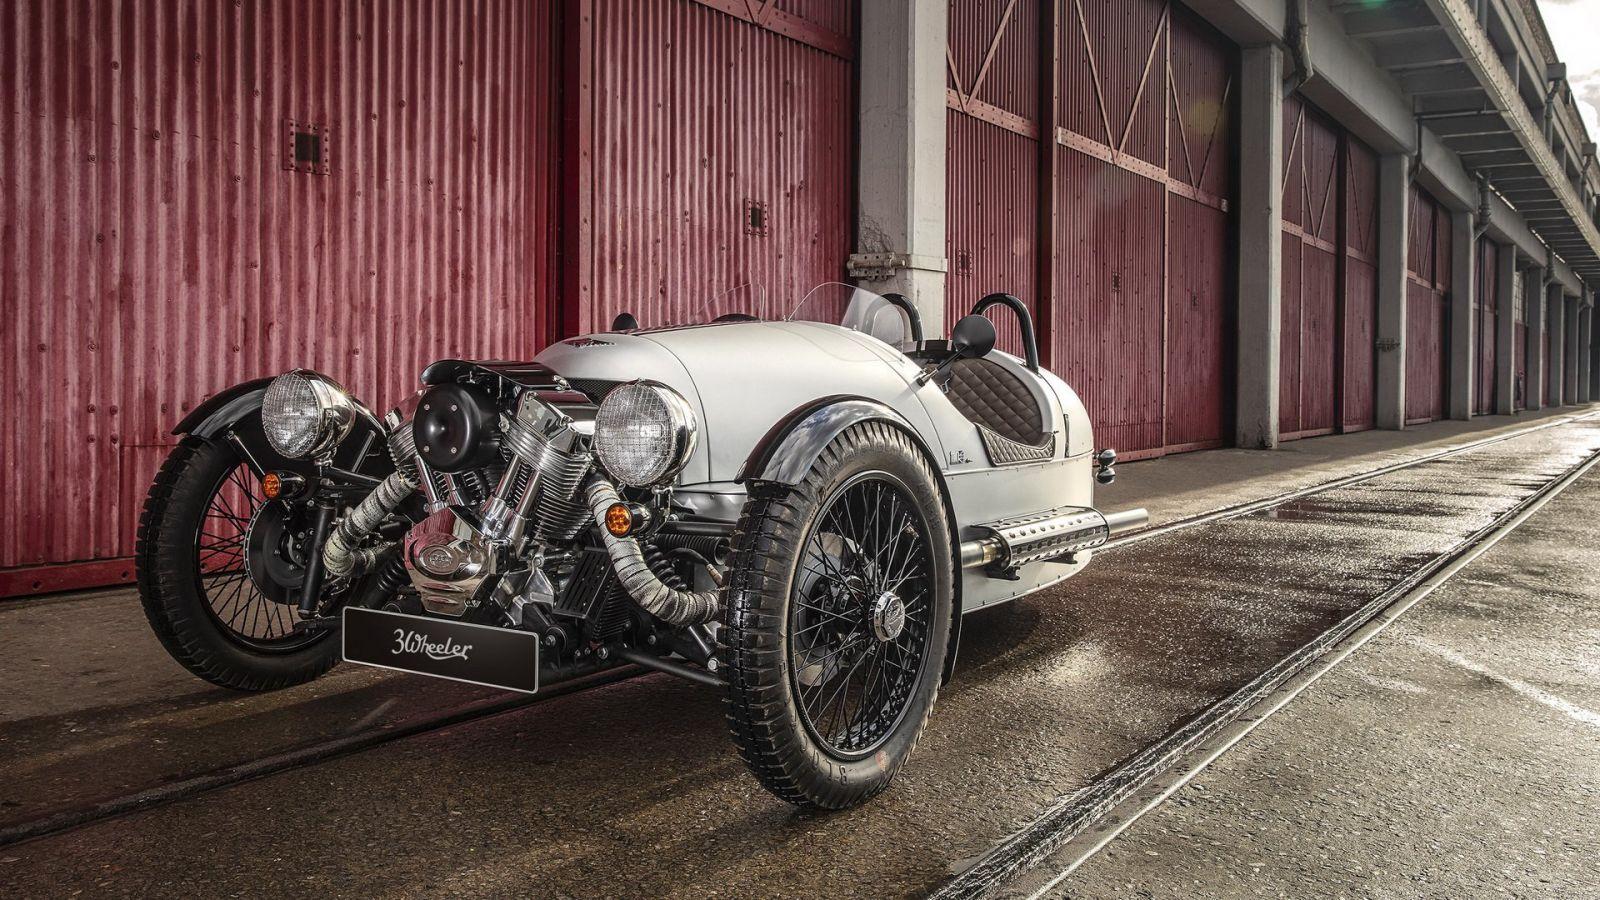 Ngắm 3 mẫu xe hoài cổ Morgan phiên bản kỉ niệm 110 năm đặc biệt - Hình 4